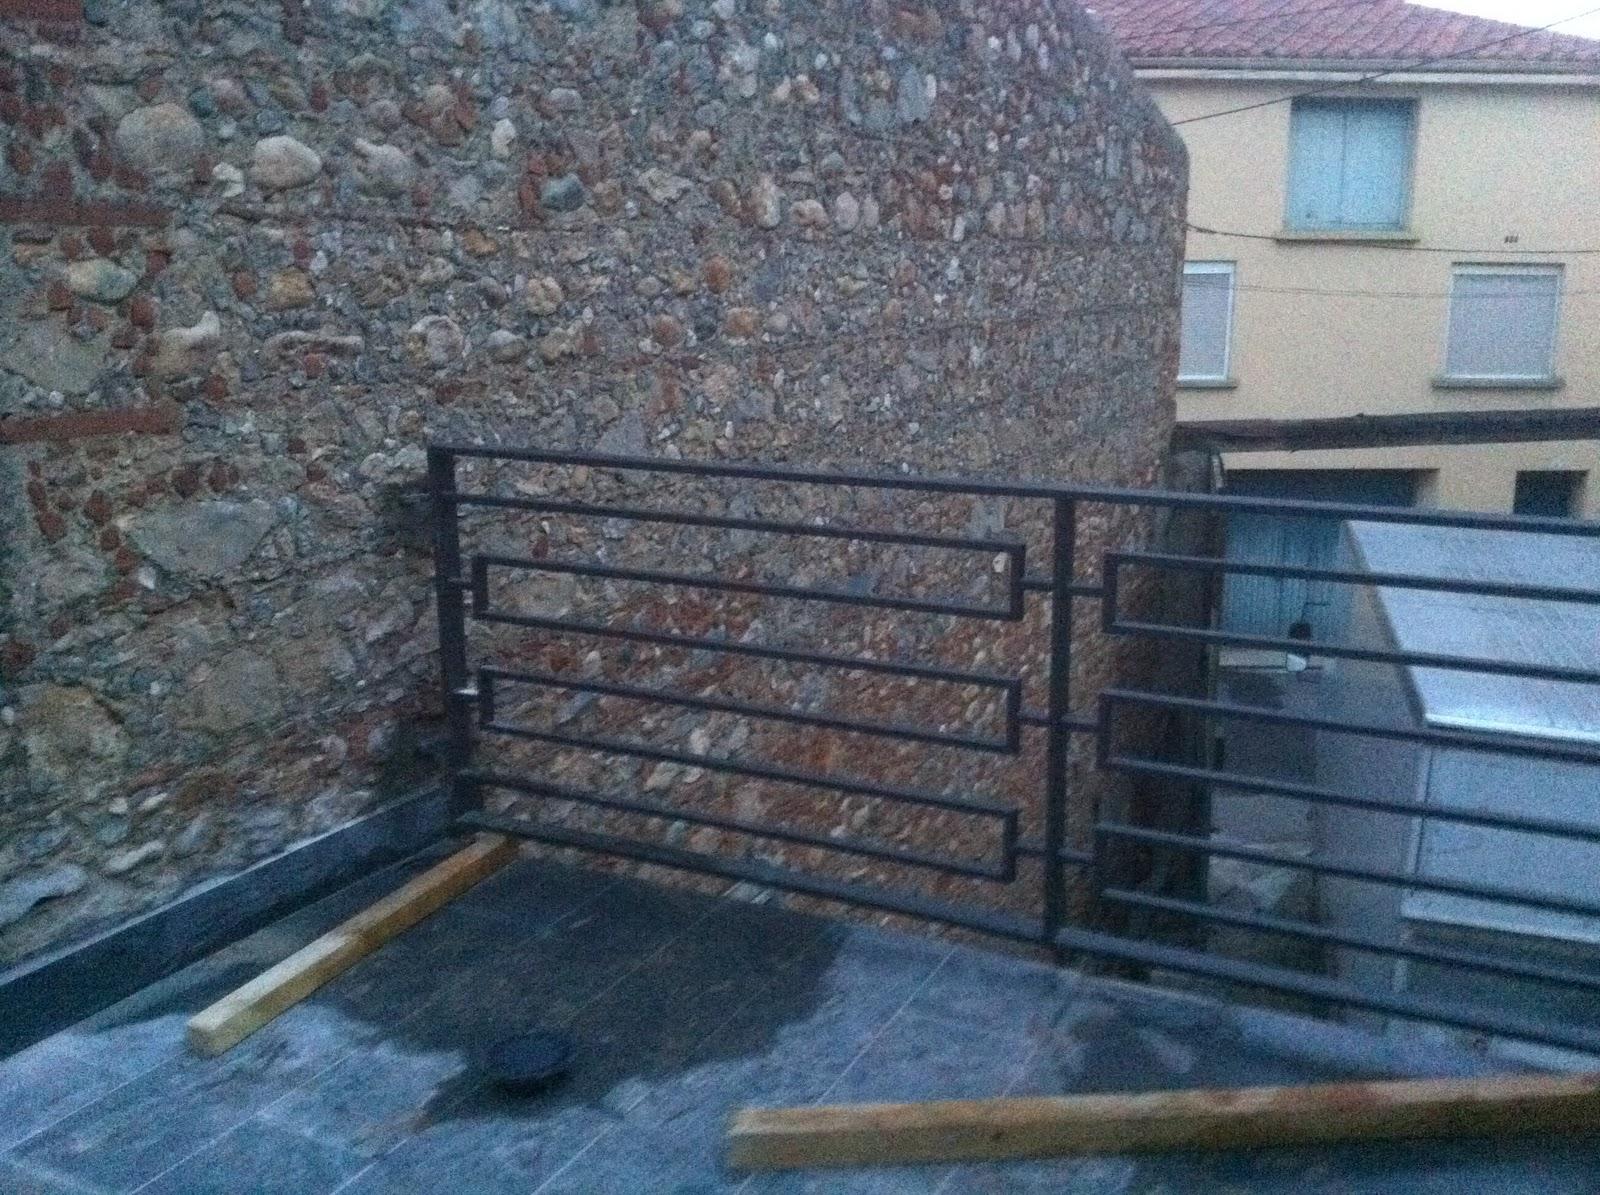 Rambarde terrasse porte fen tre salon for Rambarde fenetre